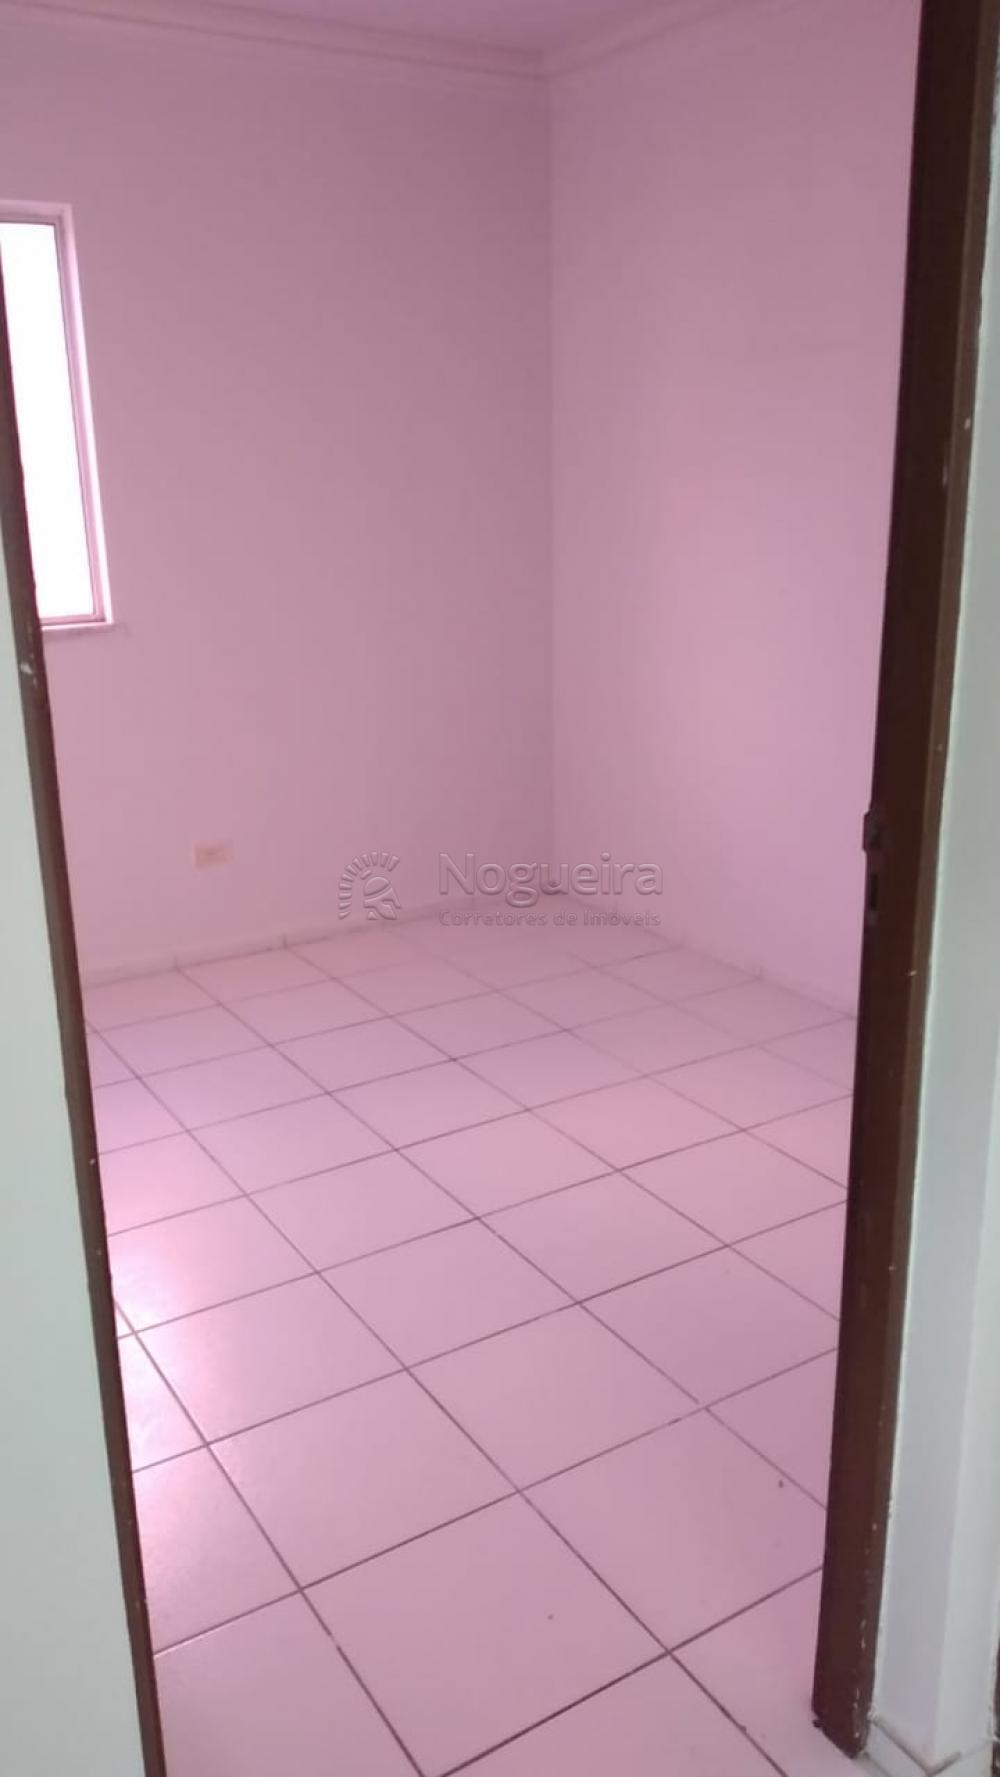 O apartamento possui 2 quartos, sala pra dois ambientes, 1 vaga de garagem.  O empreendimento possui Churrasqueira, Piscina adulto e infantil, Pista de caminhada, Playground, Quadra Poliesportiva, Salão de Festas.  Agende sua visita.